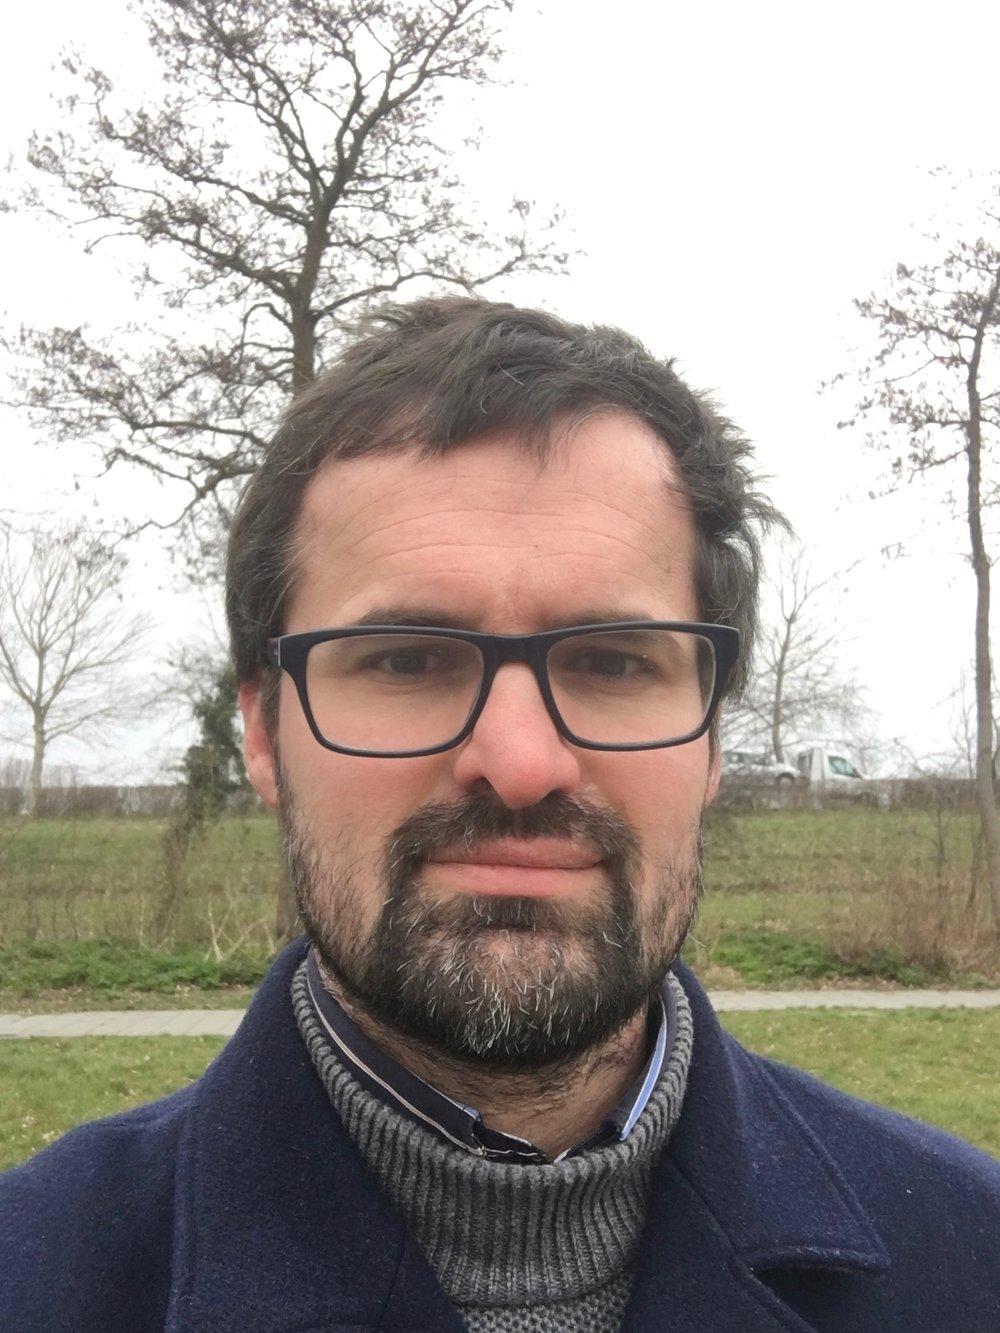 Online Marketing Specialist - Jaap Willem, Ook wel Studio-Curious.com